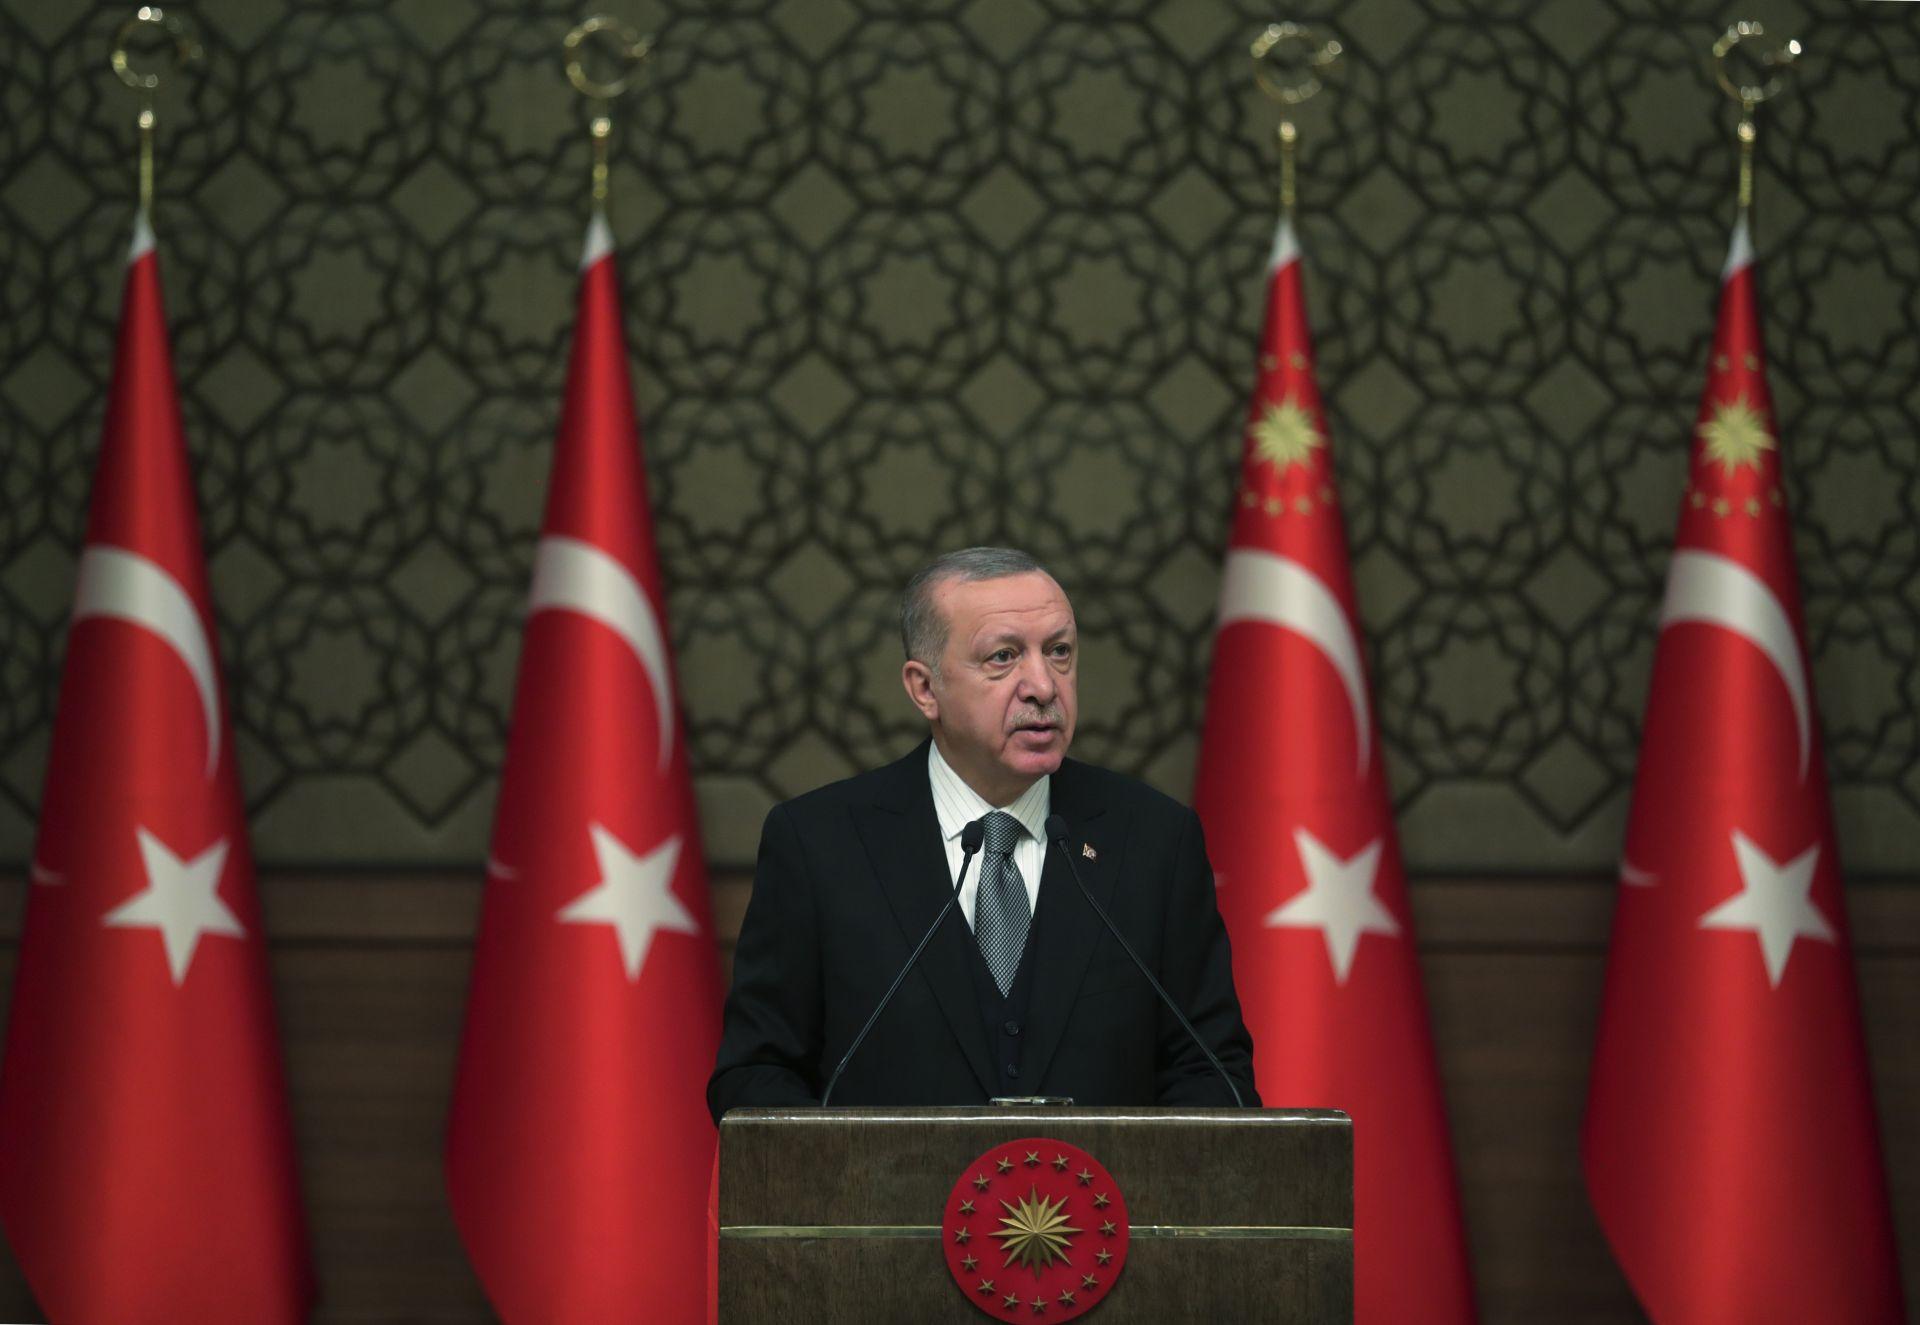 Thổ Nhĩ Kỳ và những tính toán mới ở Nam Á (19/2/2020)